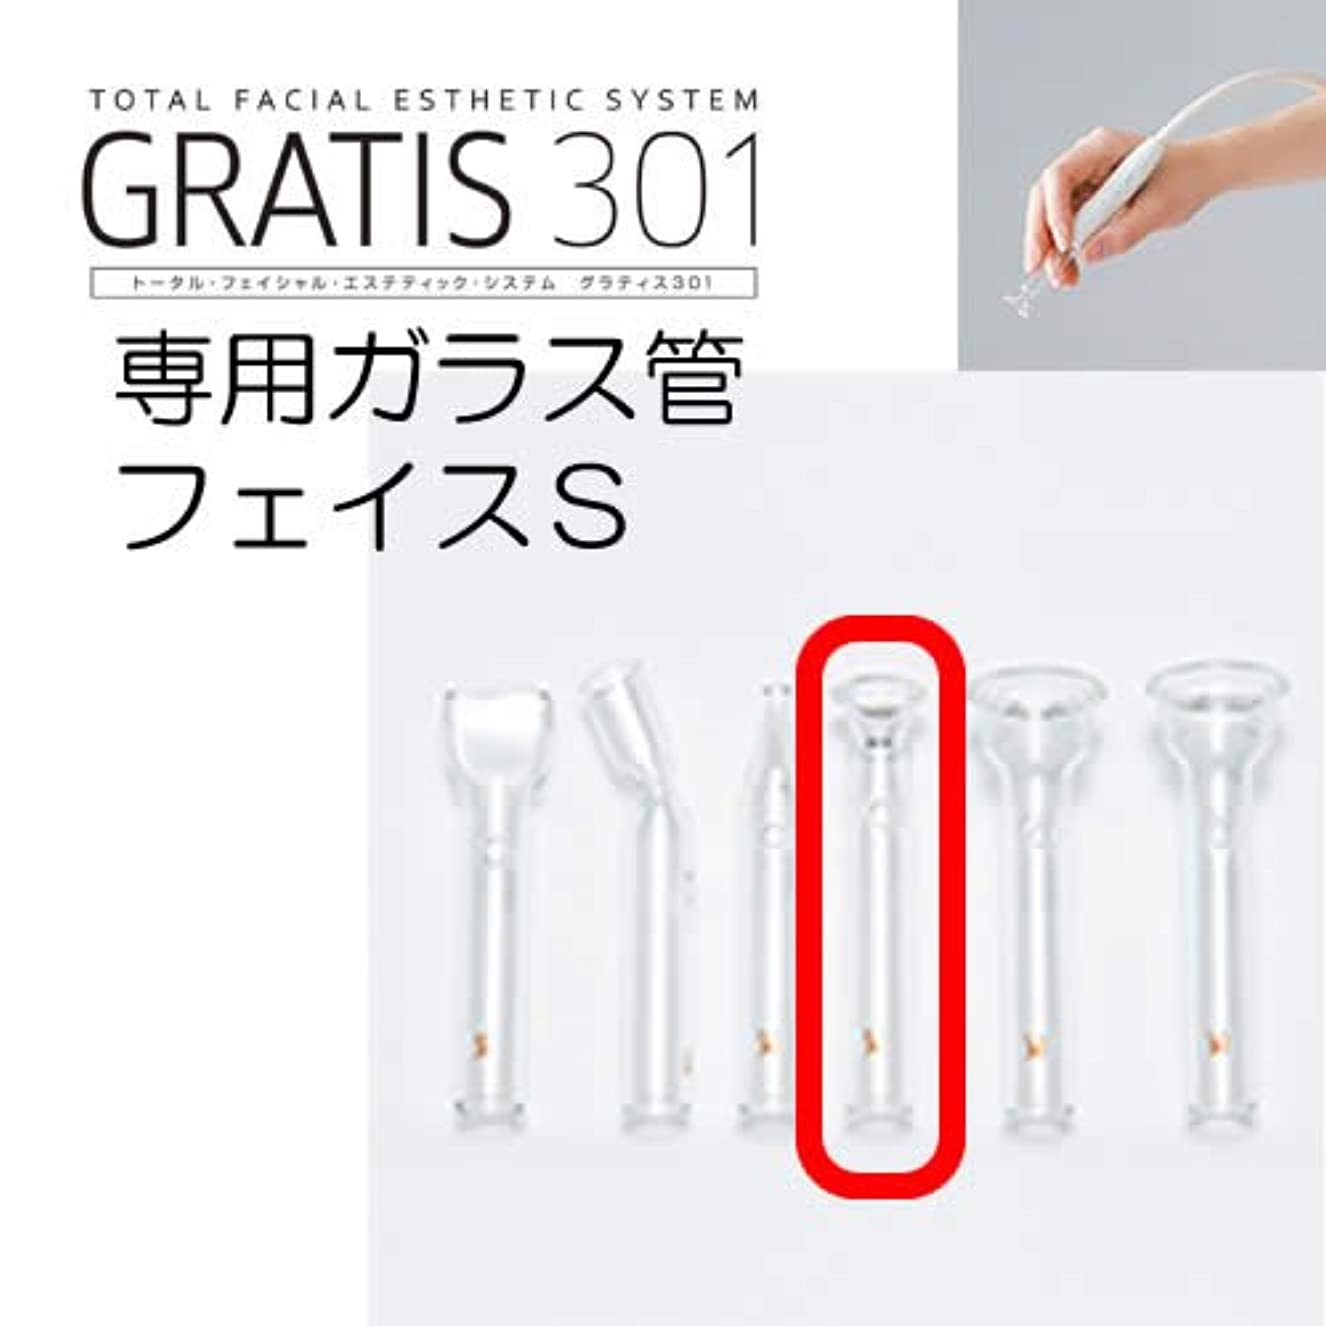 失われた明らかにアーサーコナンドイルGRATIS 301(グラティス301)専用ガラス管 フェイスS(2本セット)